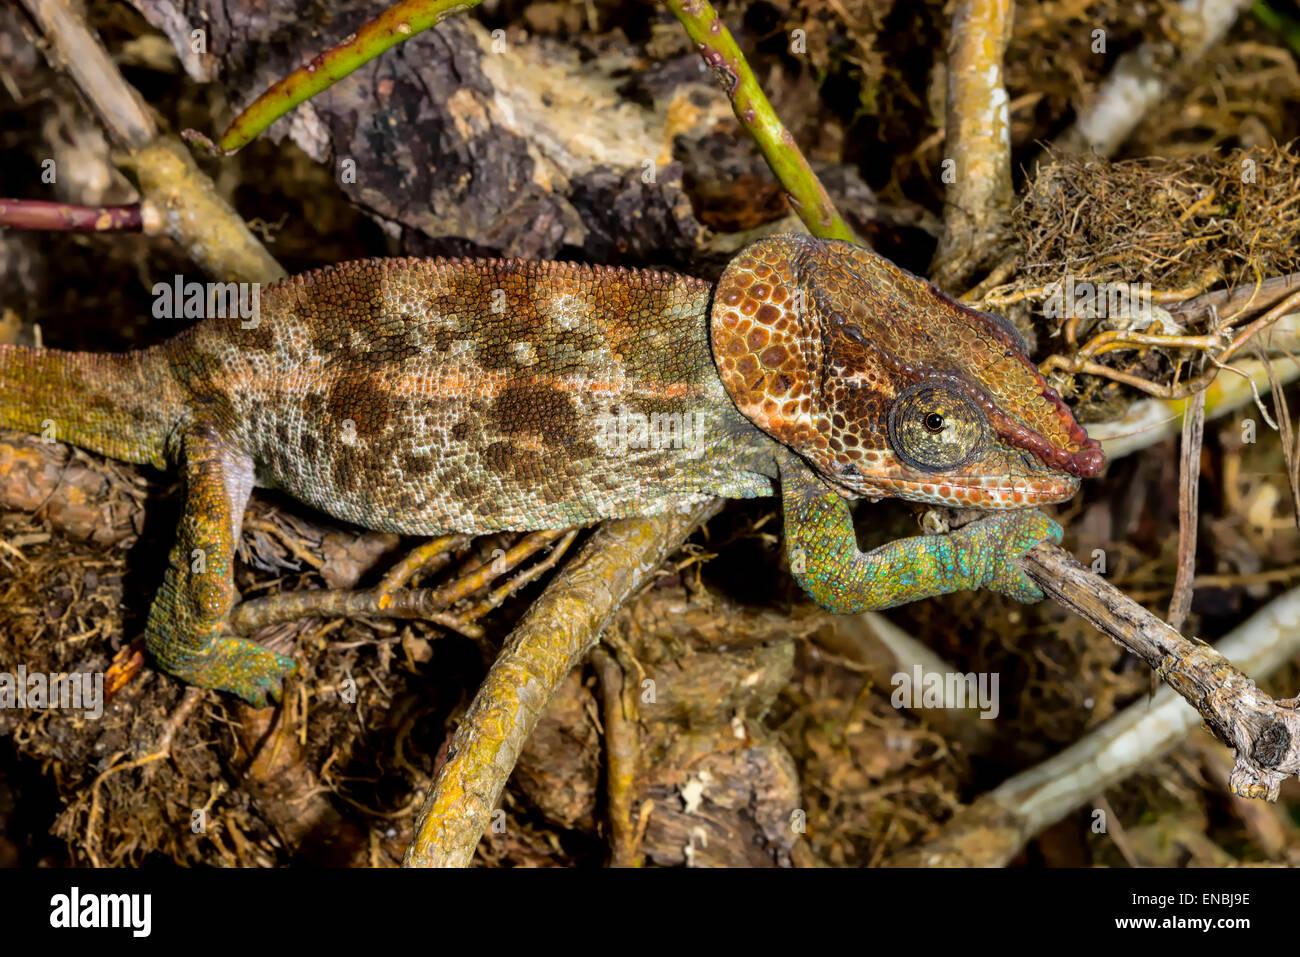 short-horned chameleon, marozevo, madagascar - Stock Image